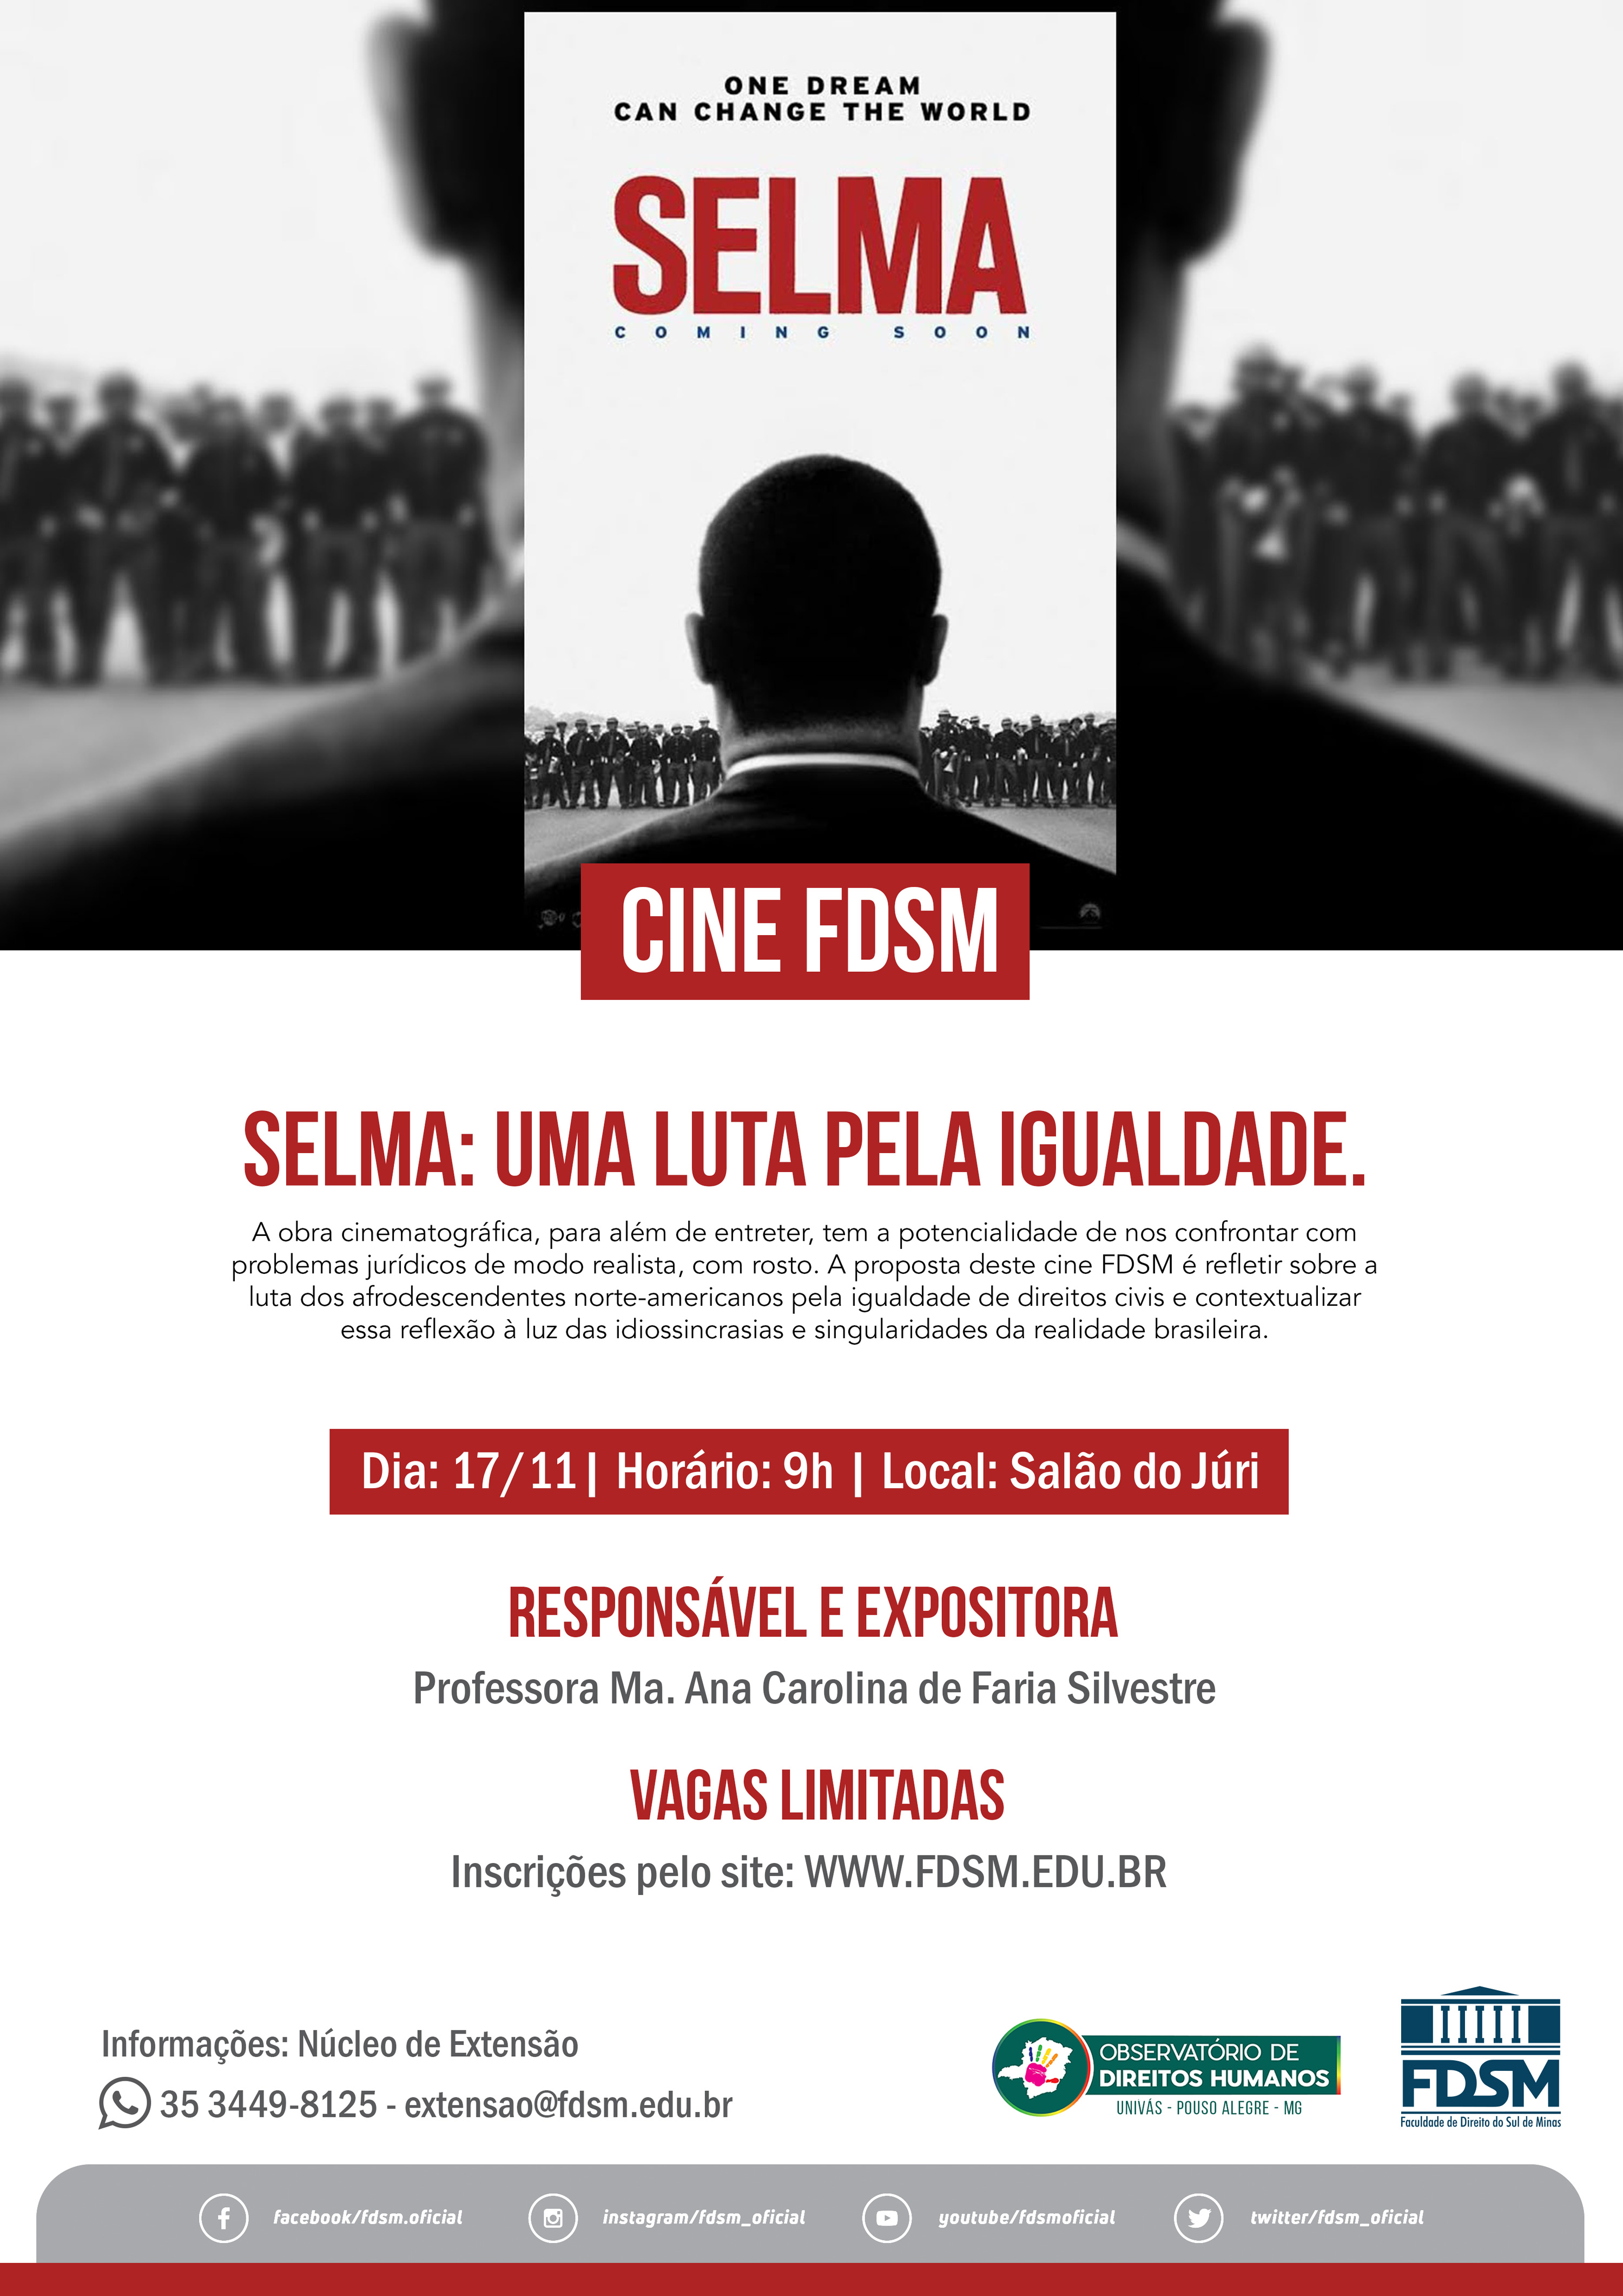 Cine FDSM - Selma: uma luta pela igualdade